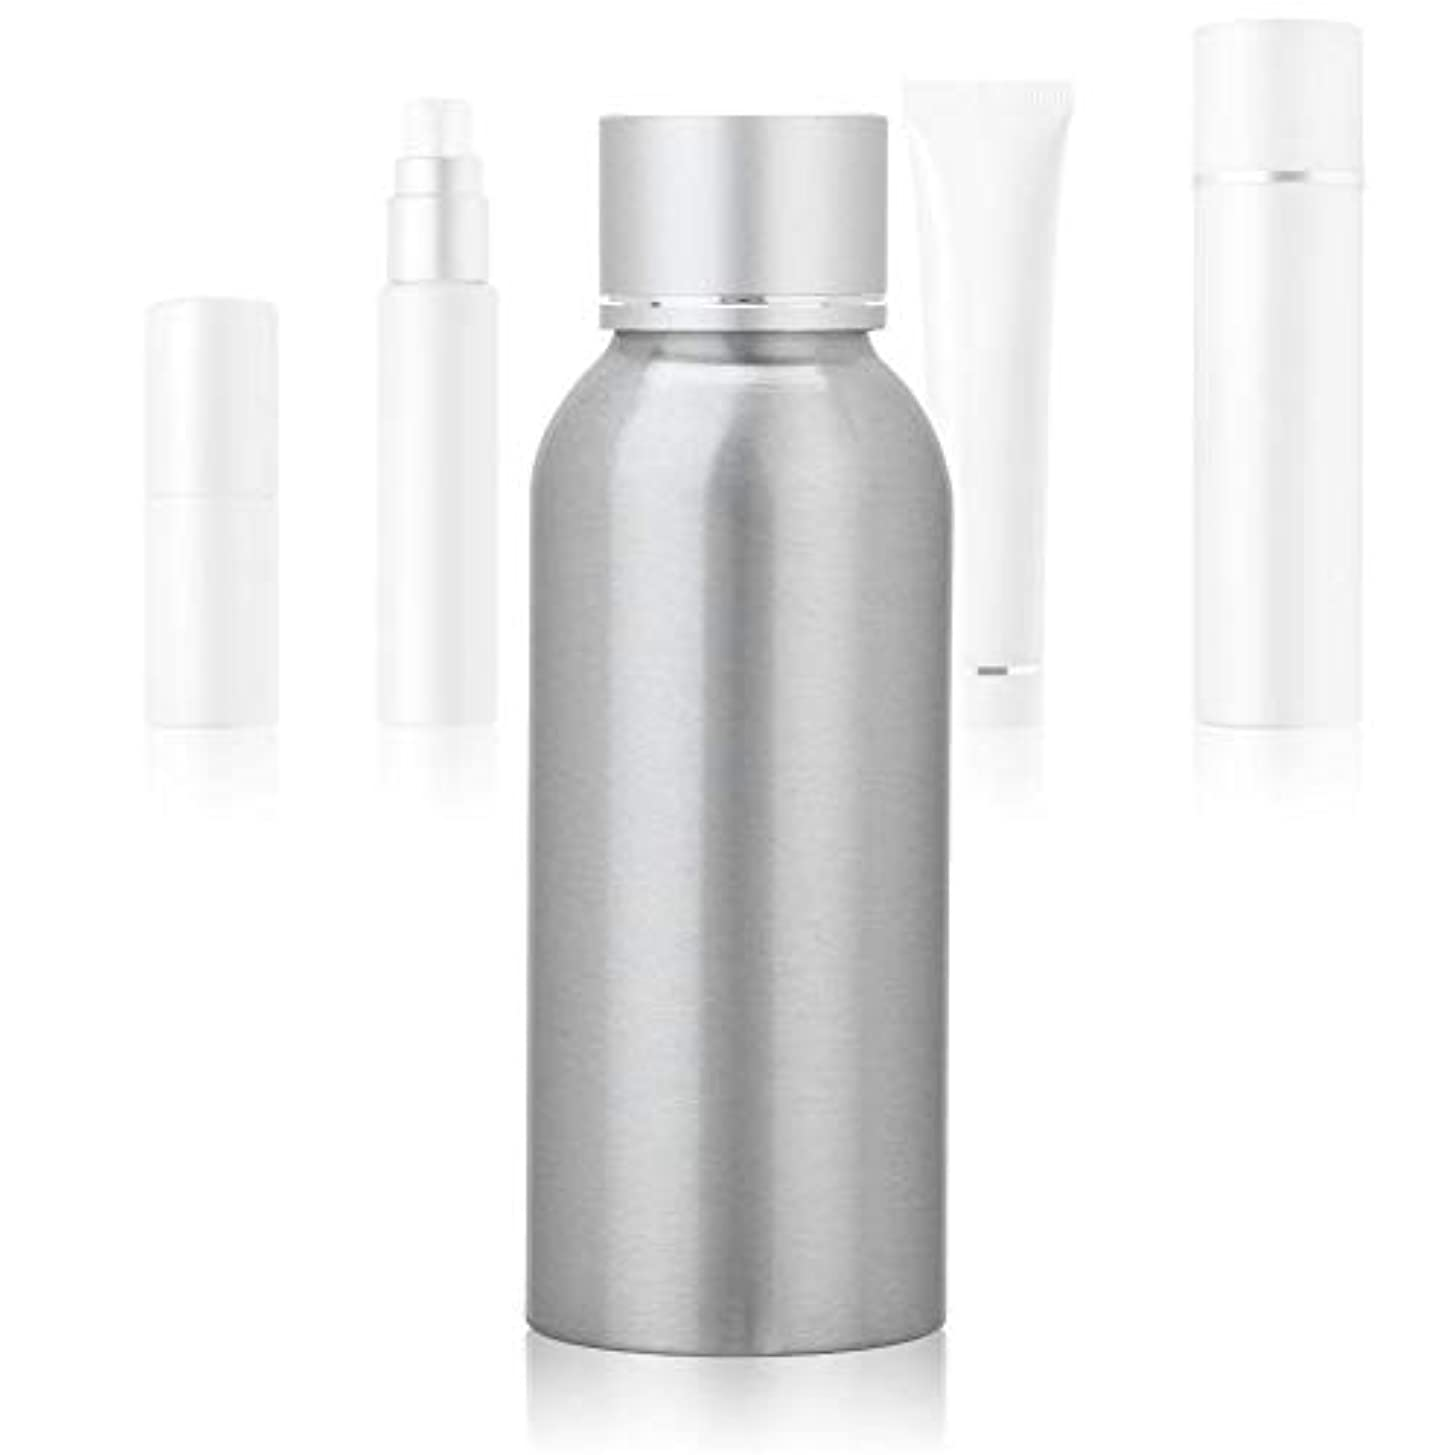 習字ペルソナマイク100 MLアジア銀陽極酸化アルミニウム 空の化粧品ボトル ポータブルDIY スキンケア 製品トナーコンテナーボトル